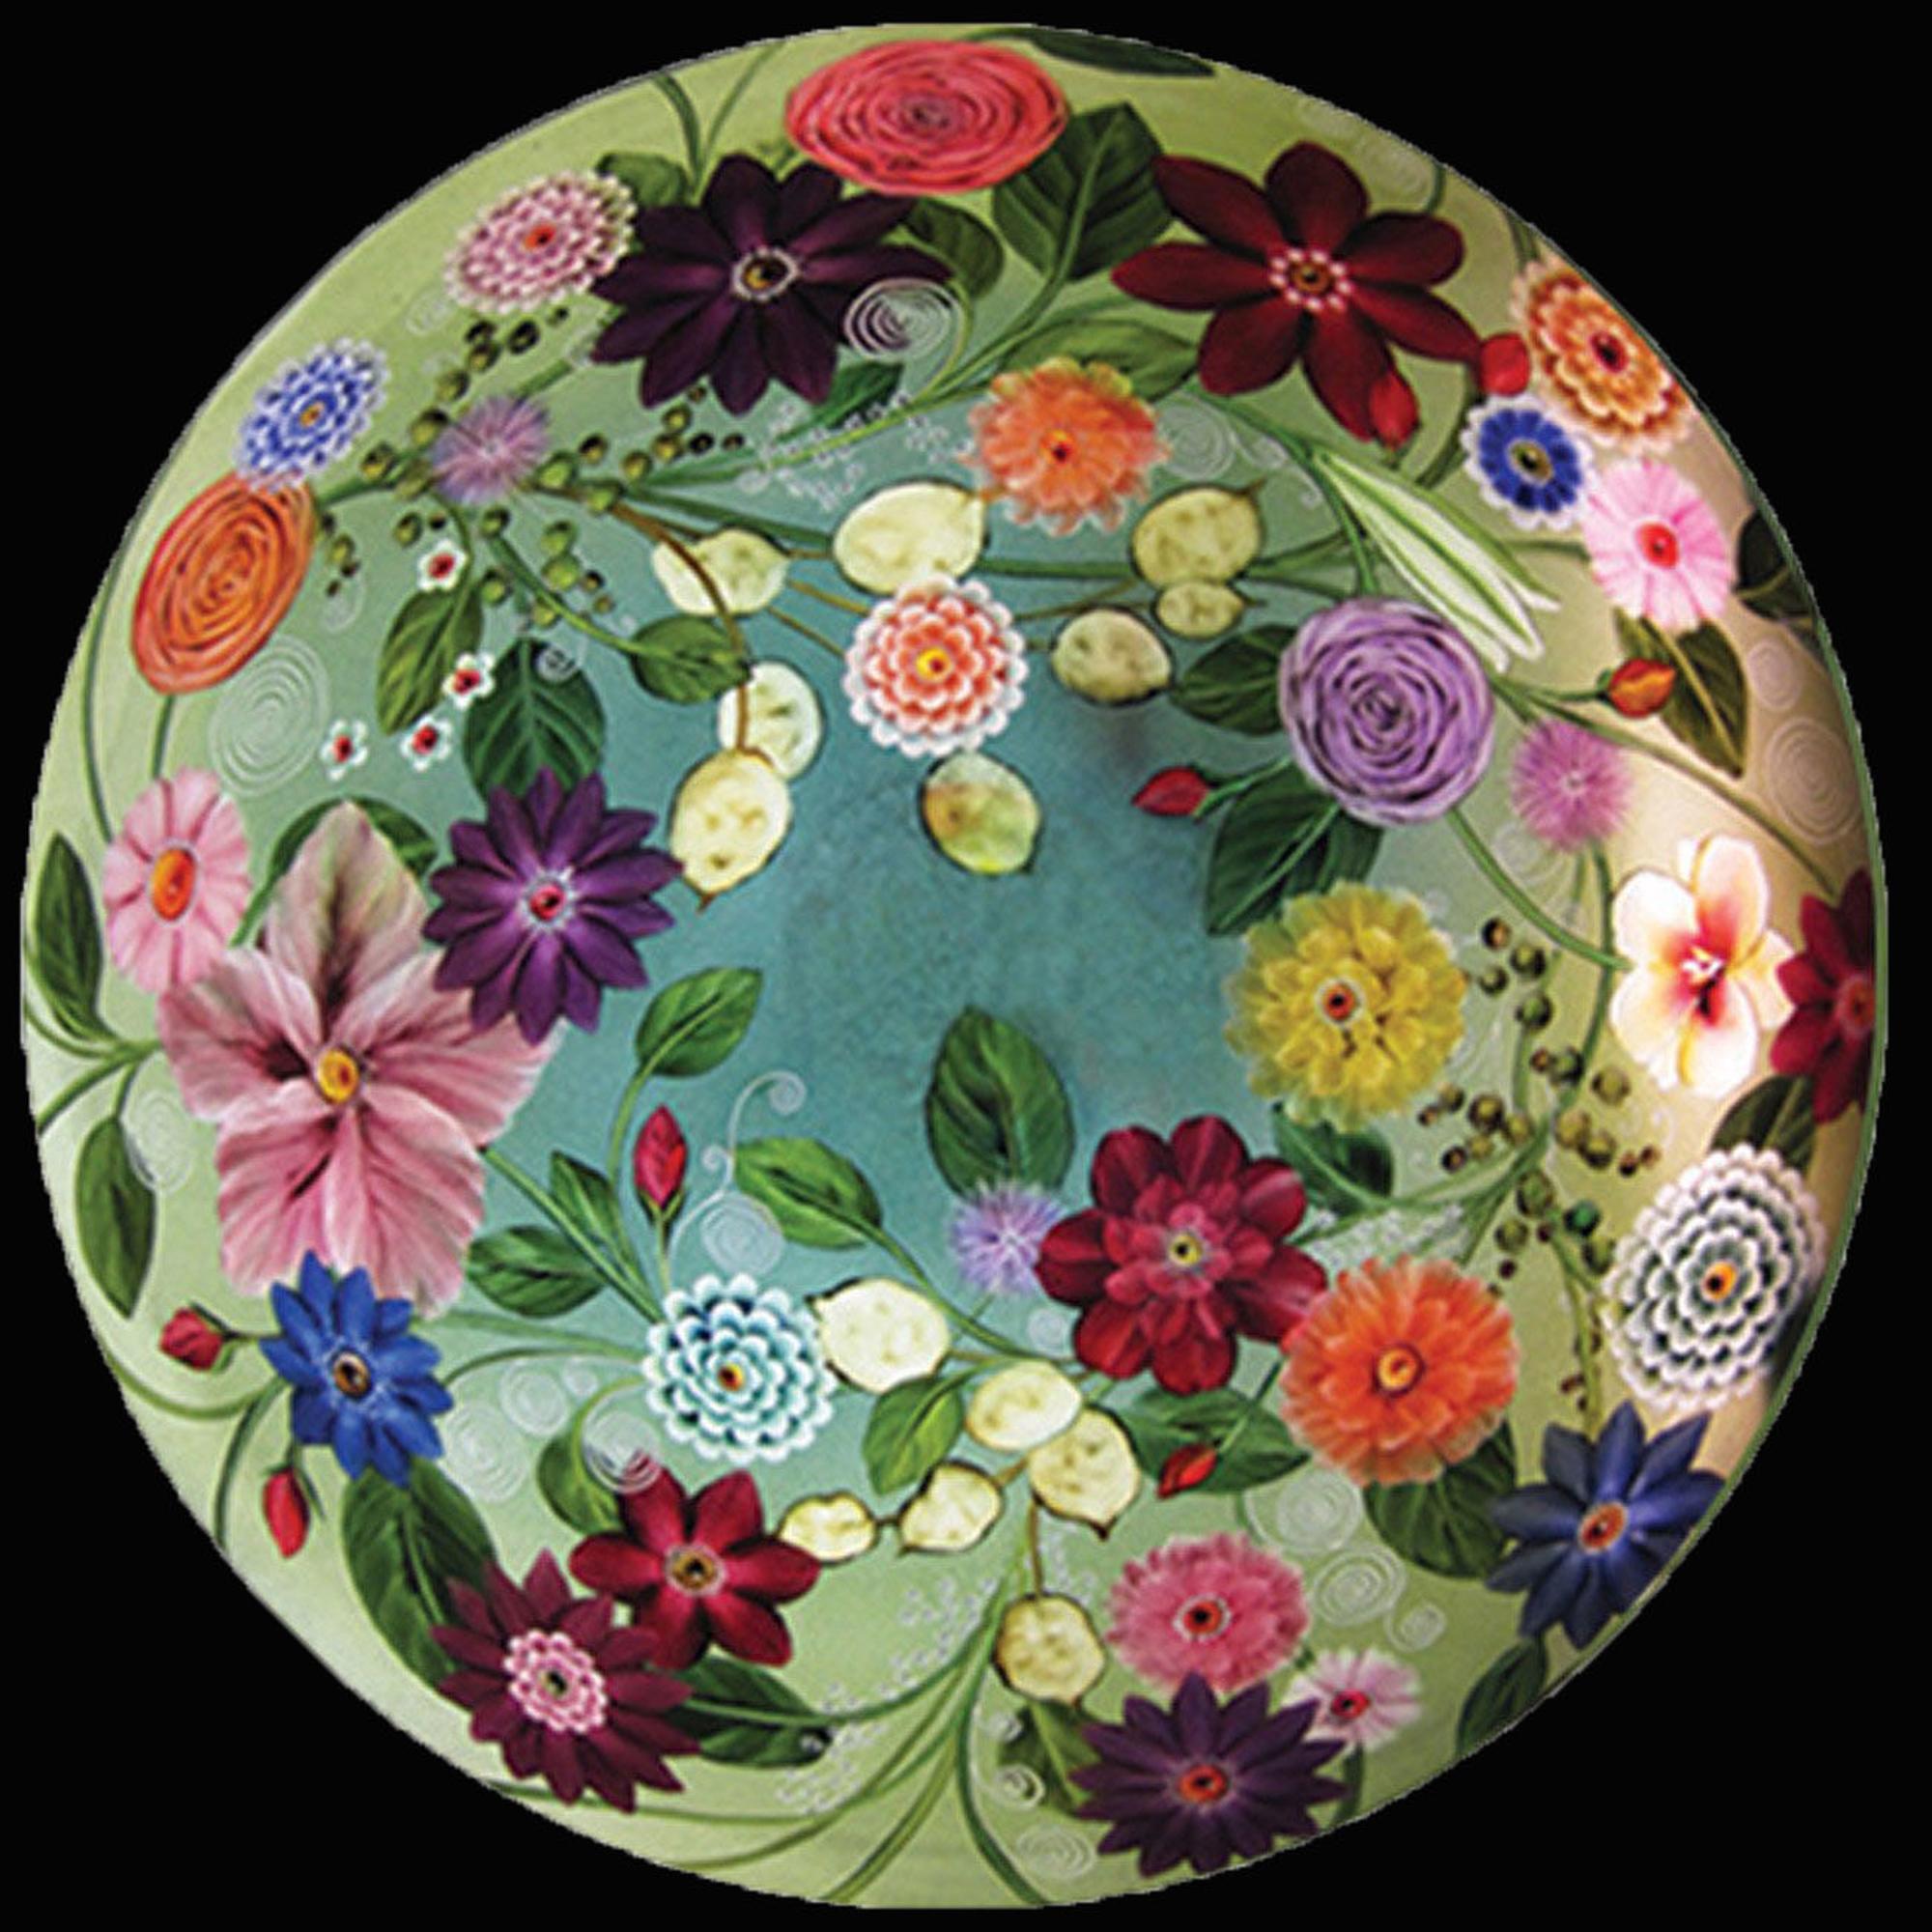 Design O's Garden by Jamie Barthel